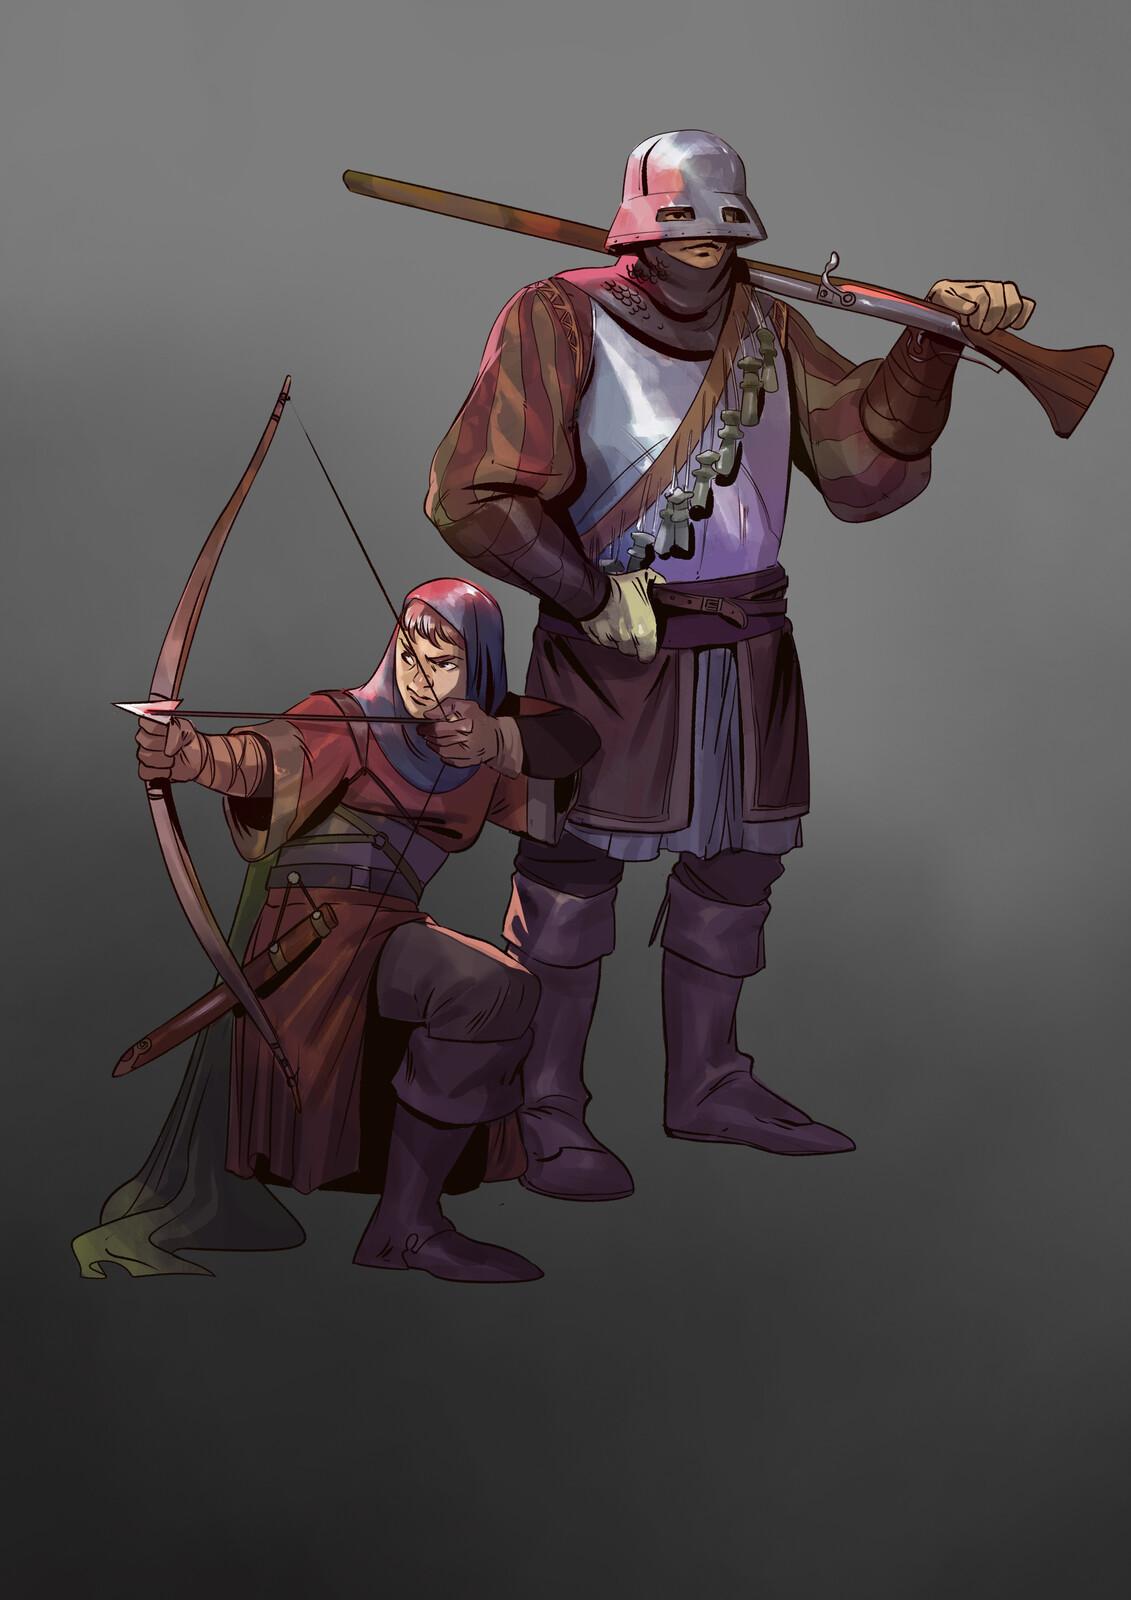 Archer and Arquebusier